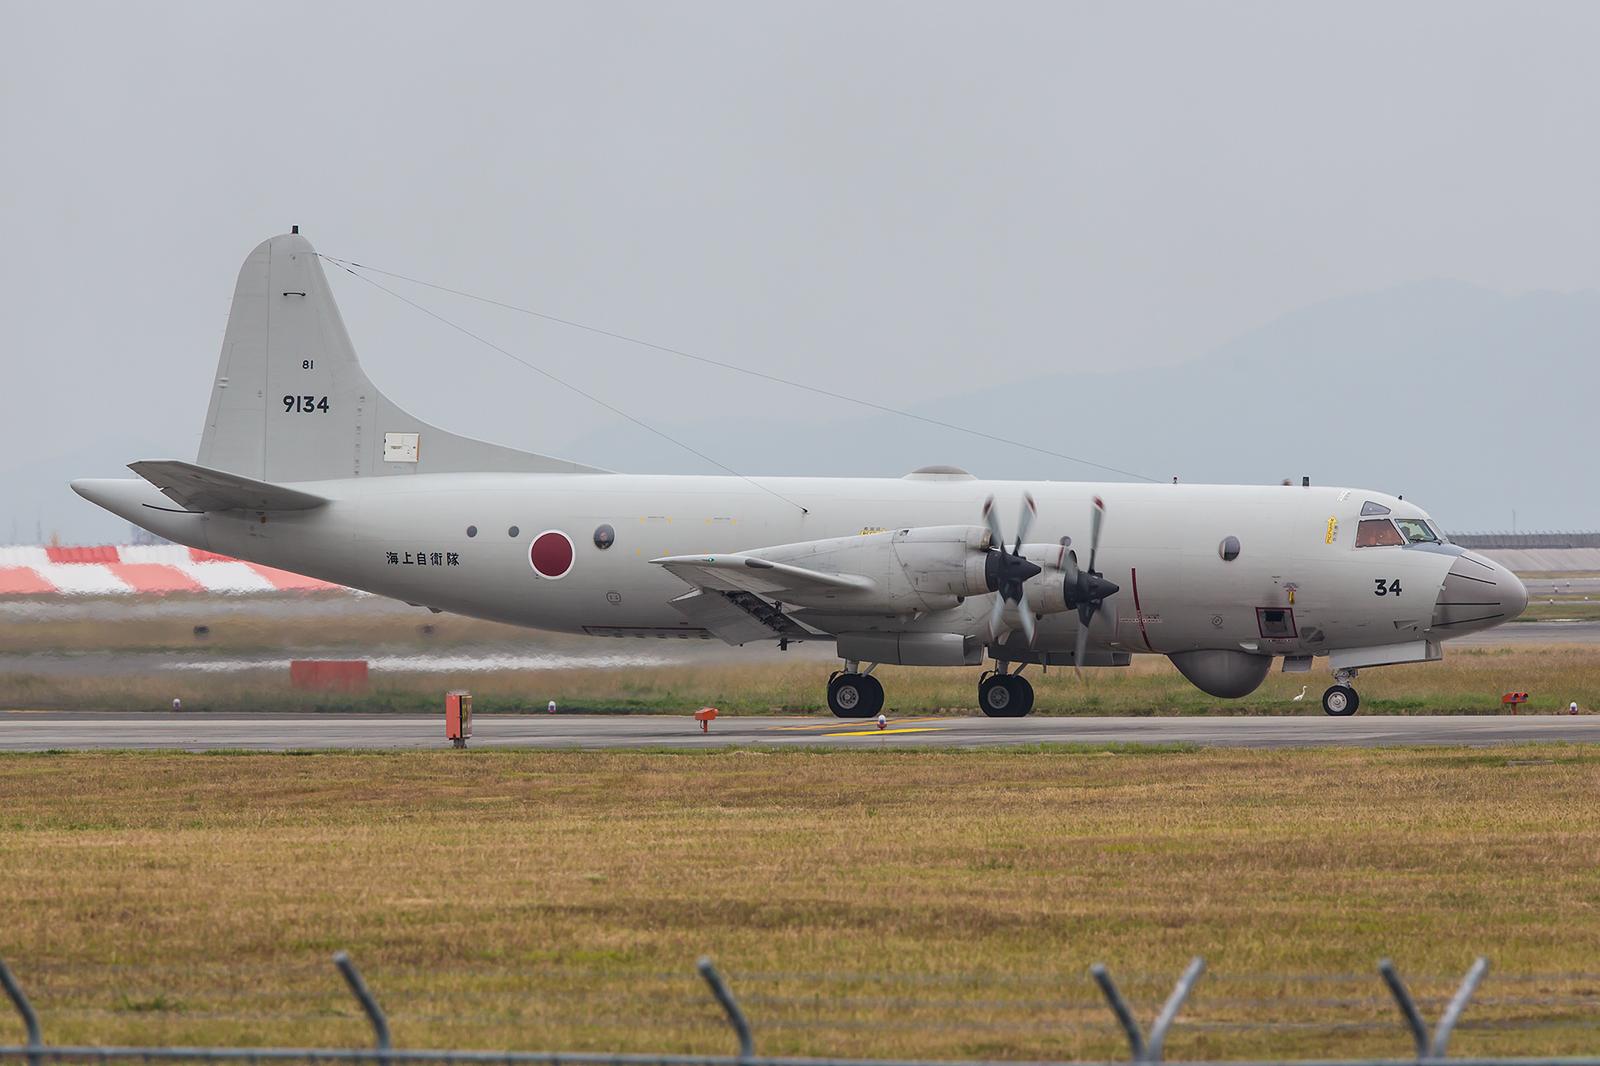 Vier OP-3C Aufklärungsflugzeuge fliegen bei der 81 Kokutai, eine ging verloren.